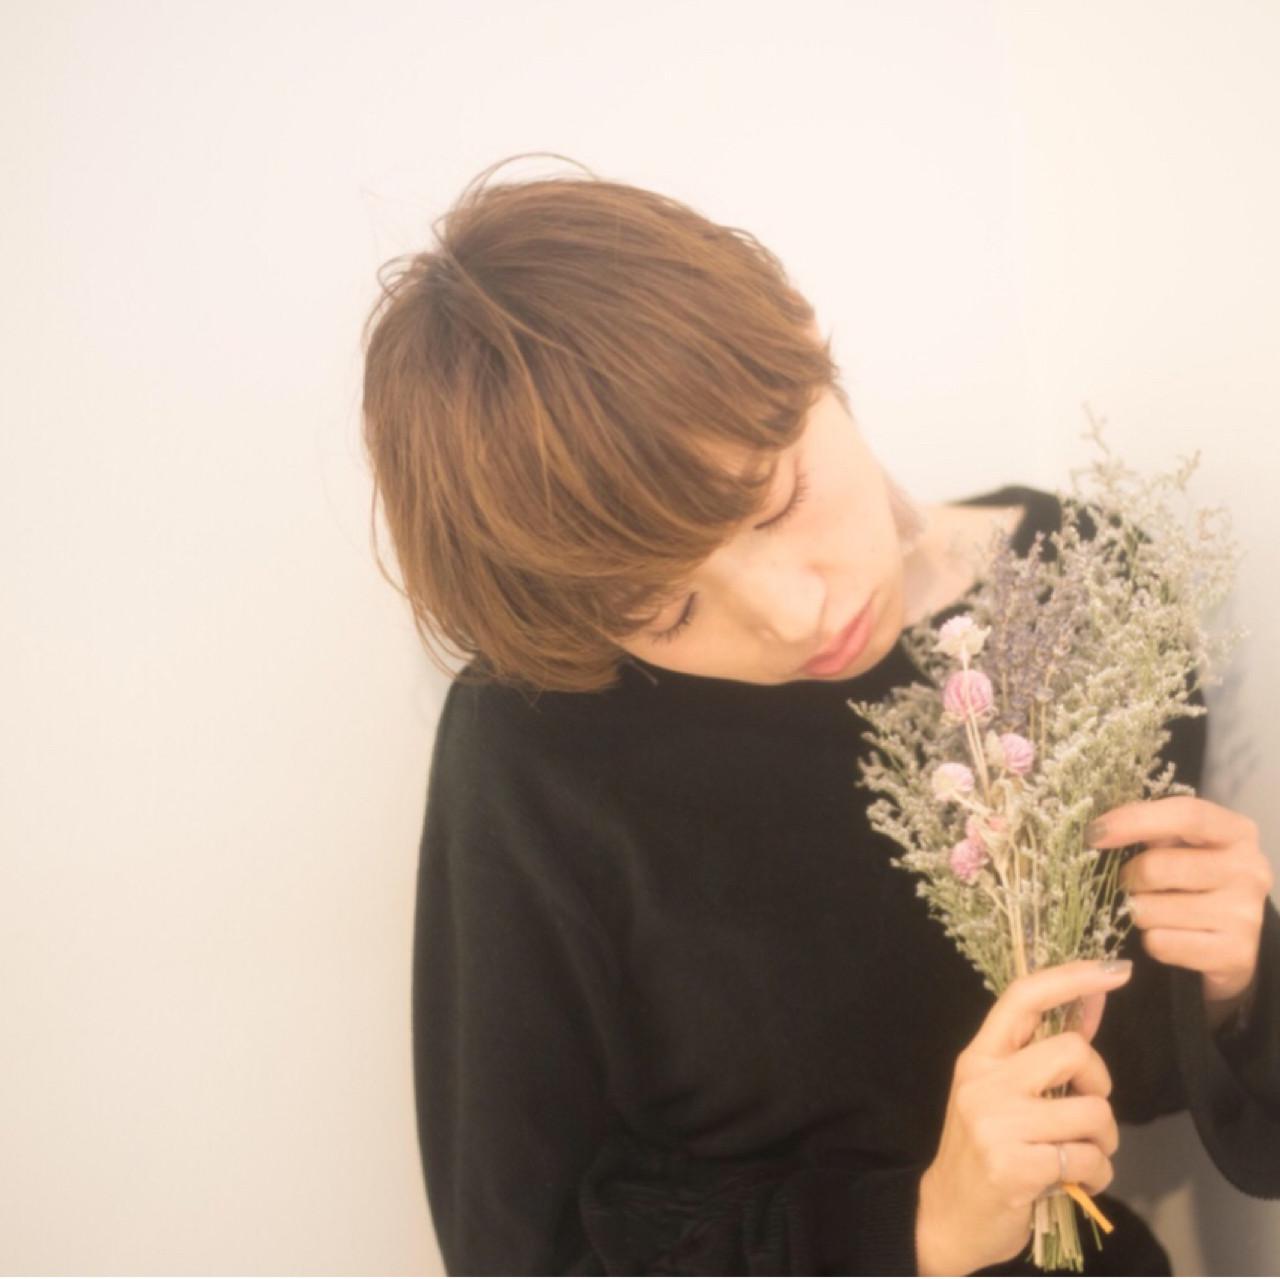 ナチュラル 大人女子 こなれ感 冬 ヘアスタイルや髪型の写真・画像 | yuunn /